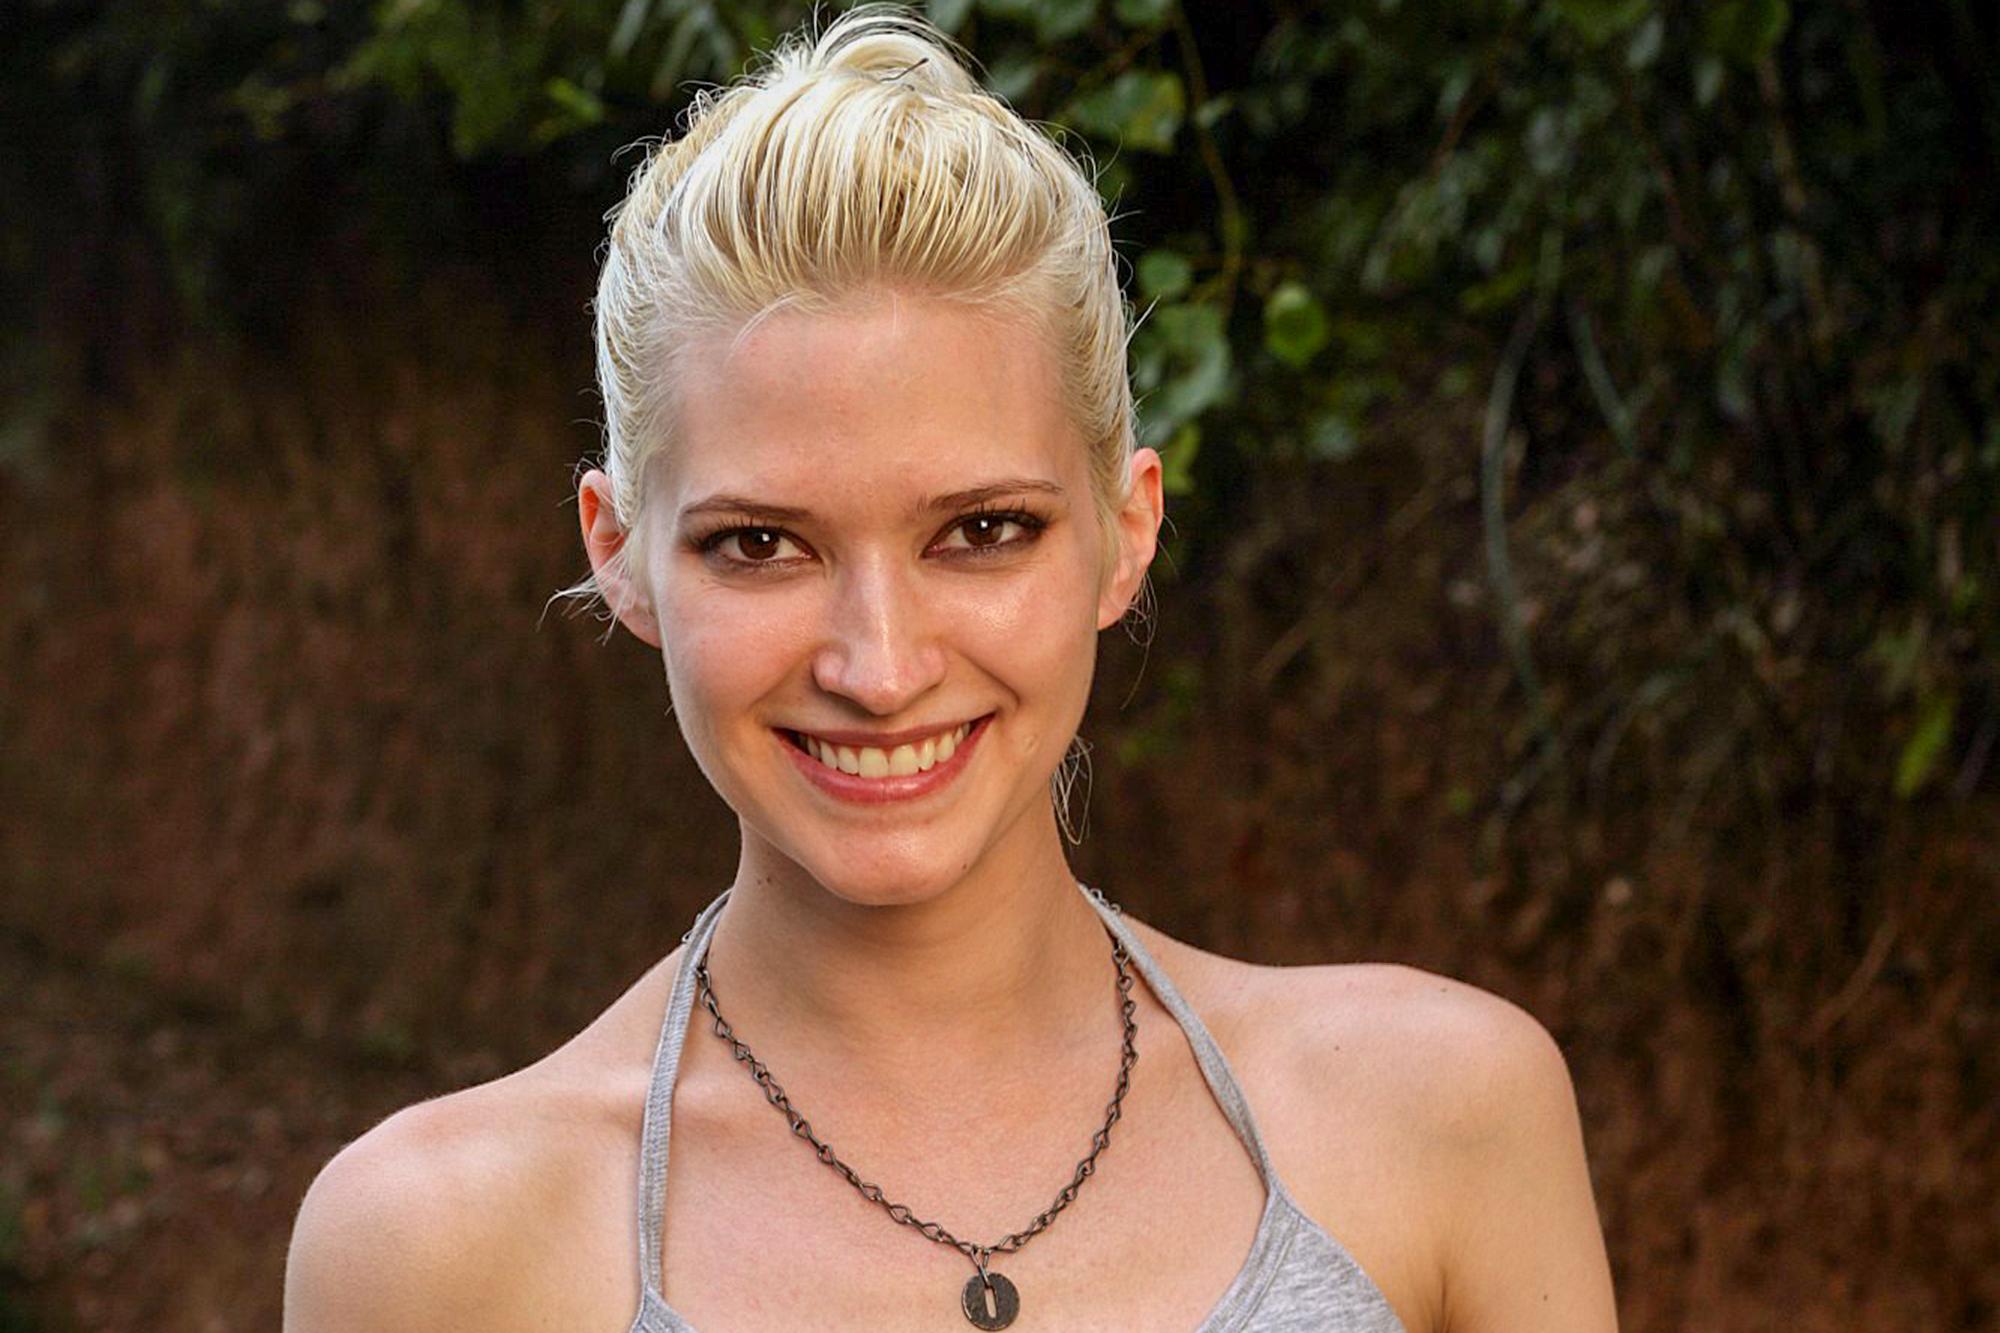 Courtney Yates from Survivor